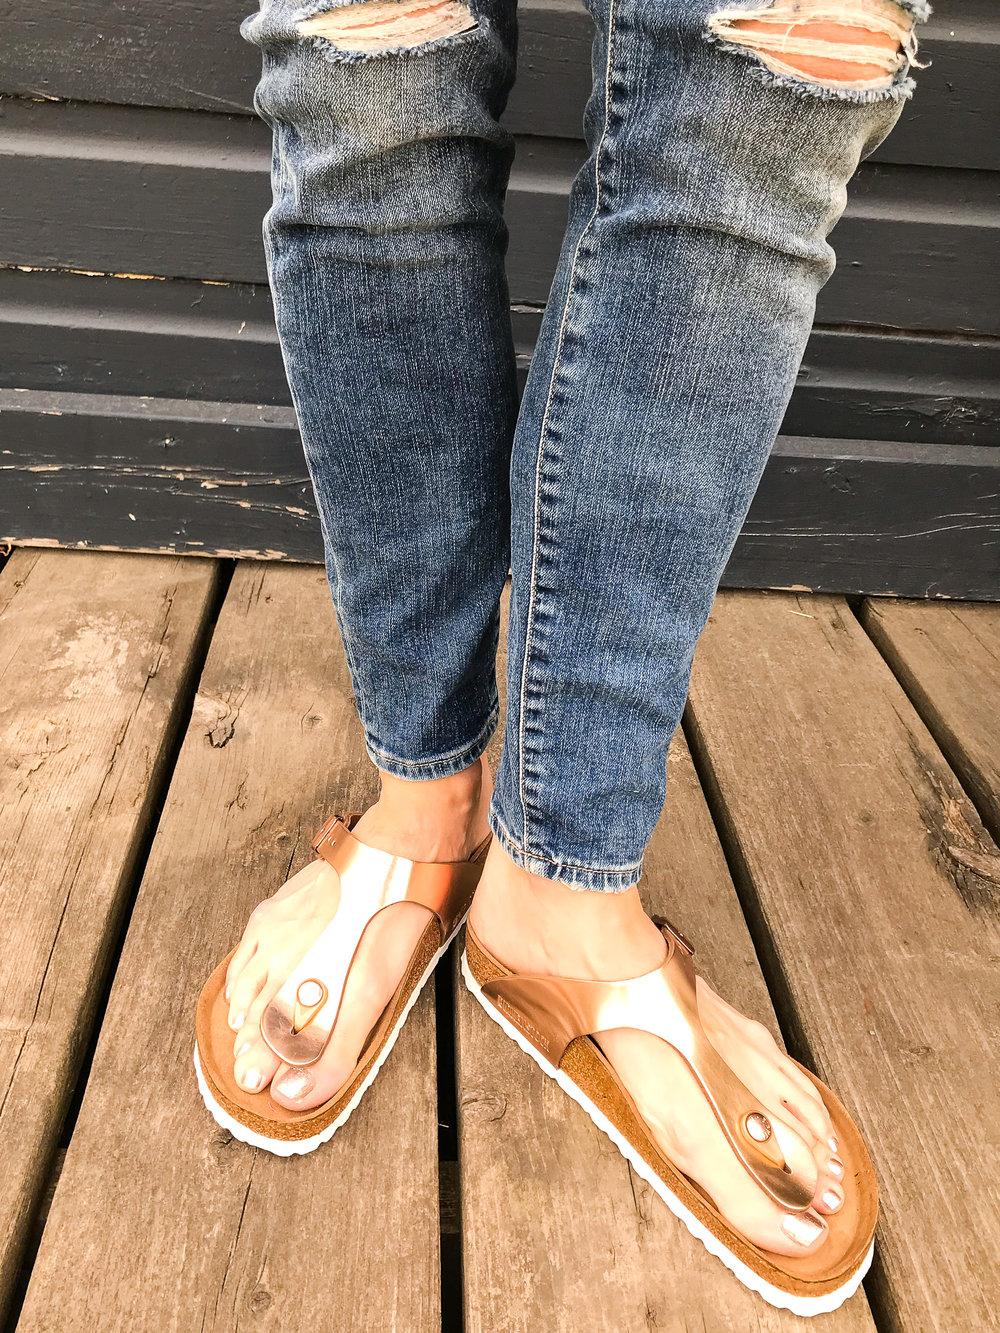 Birkenstock Sandals Calgary.jpg